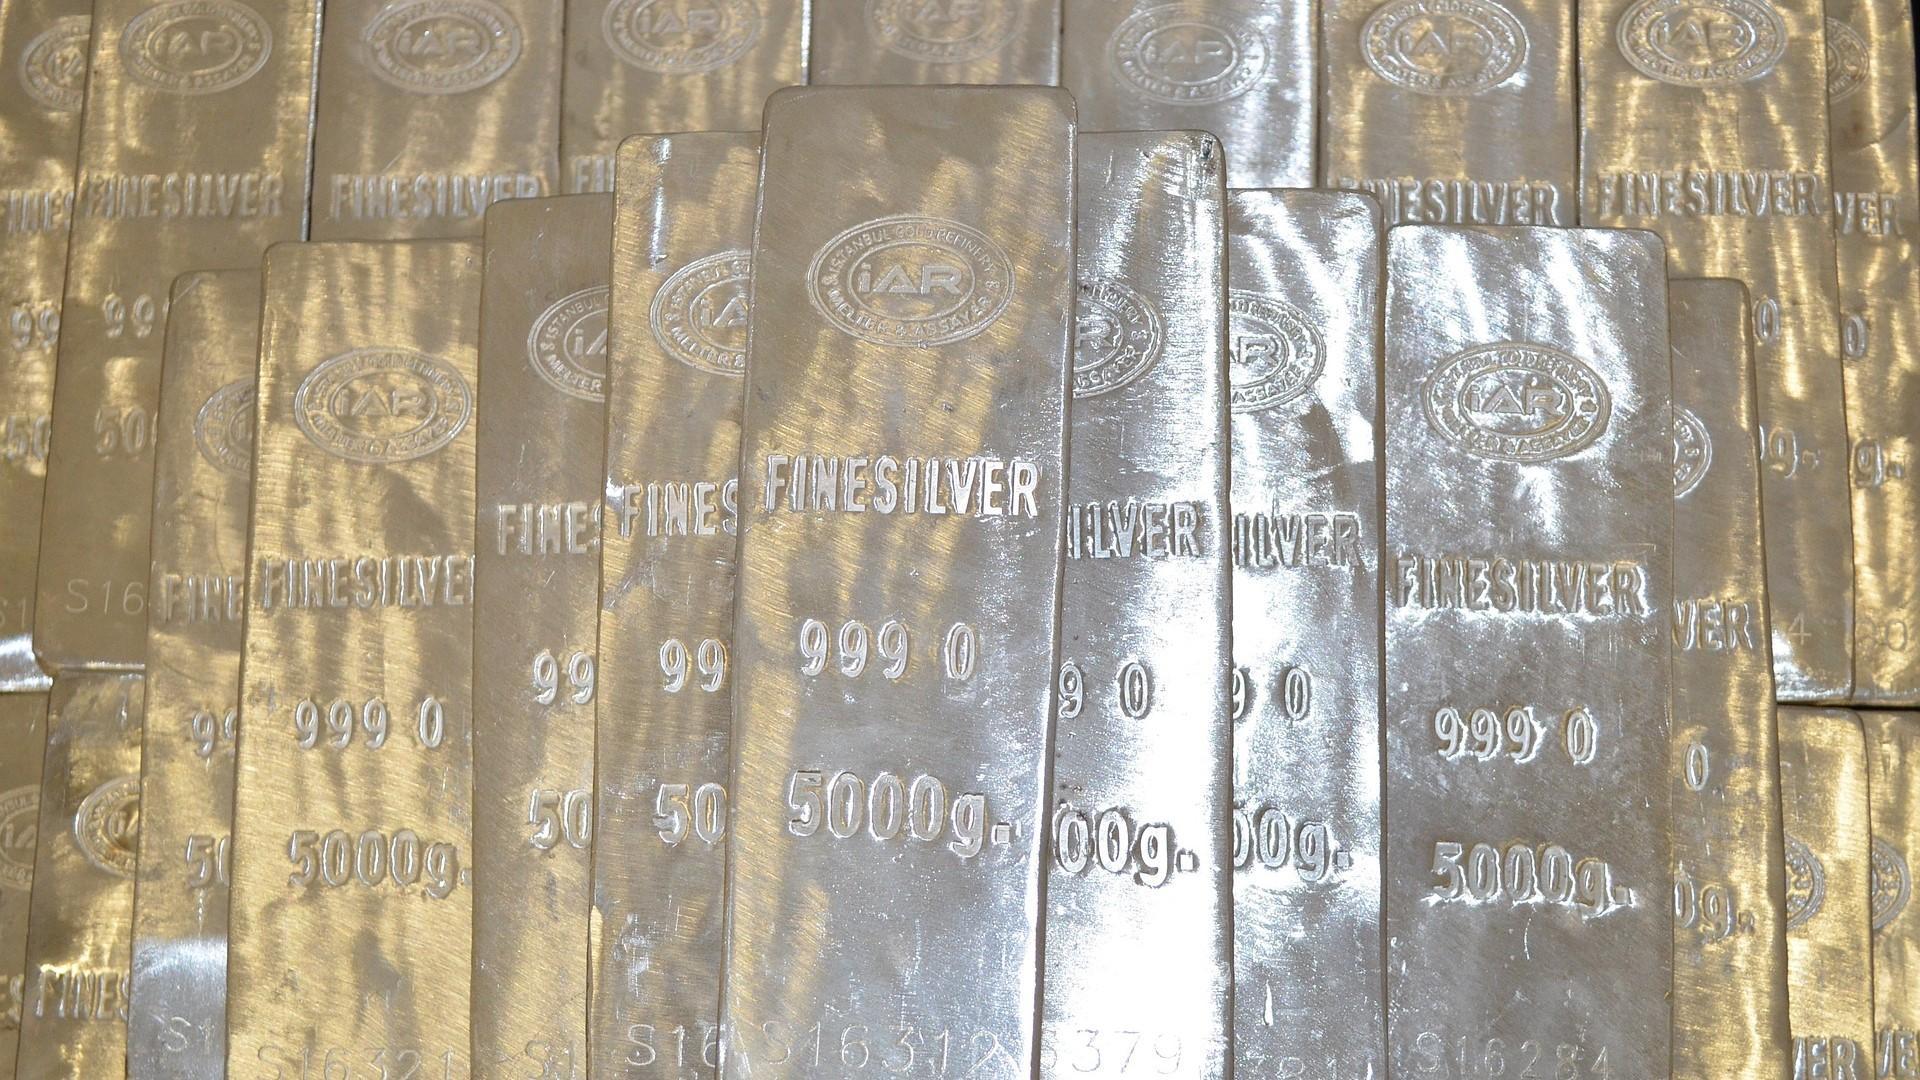 Physisches Silber können Sie als Münzen oder Barren kaufen